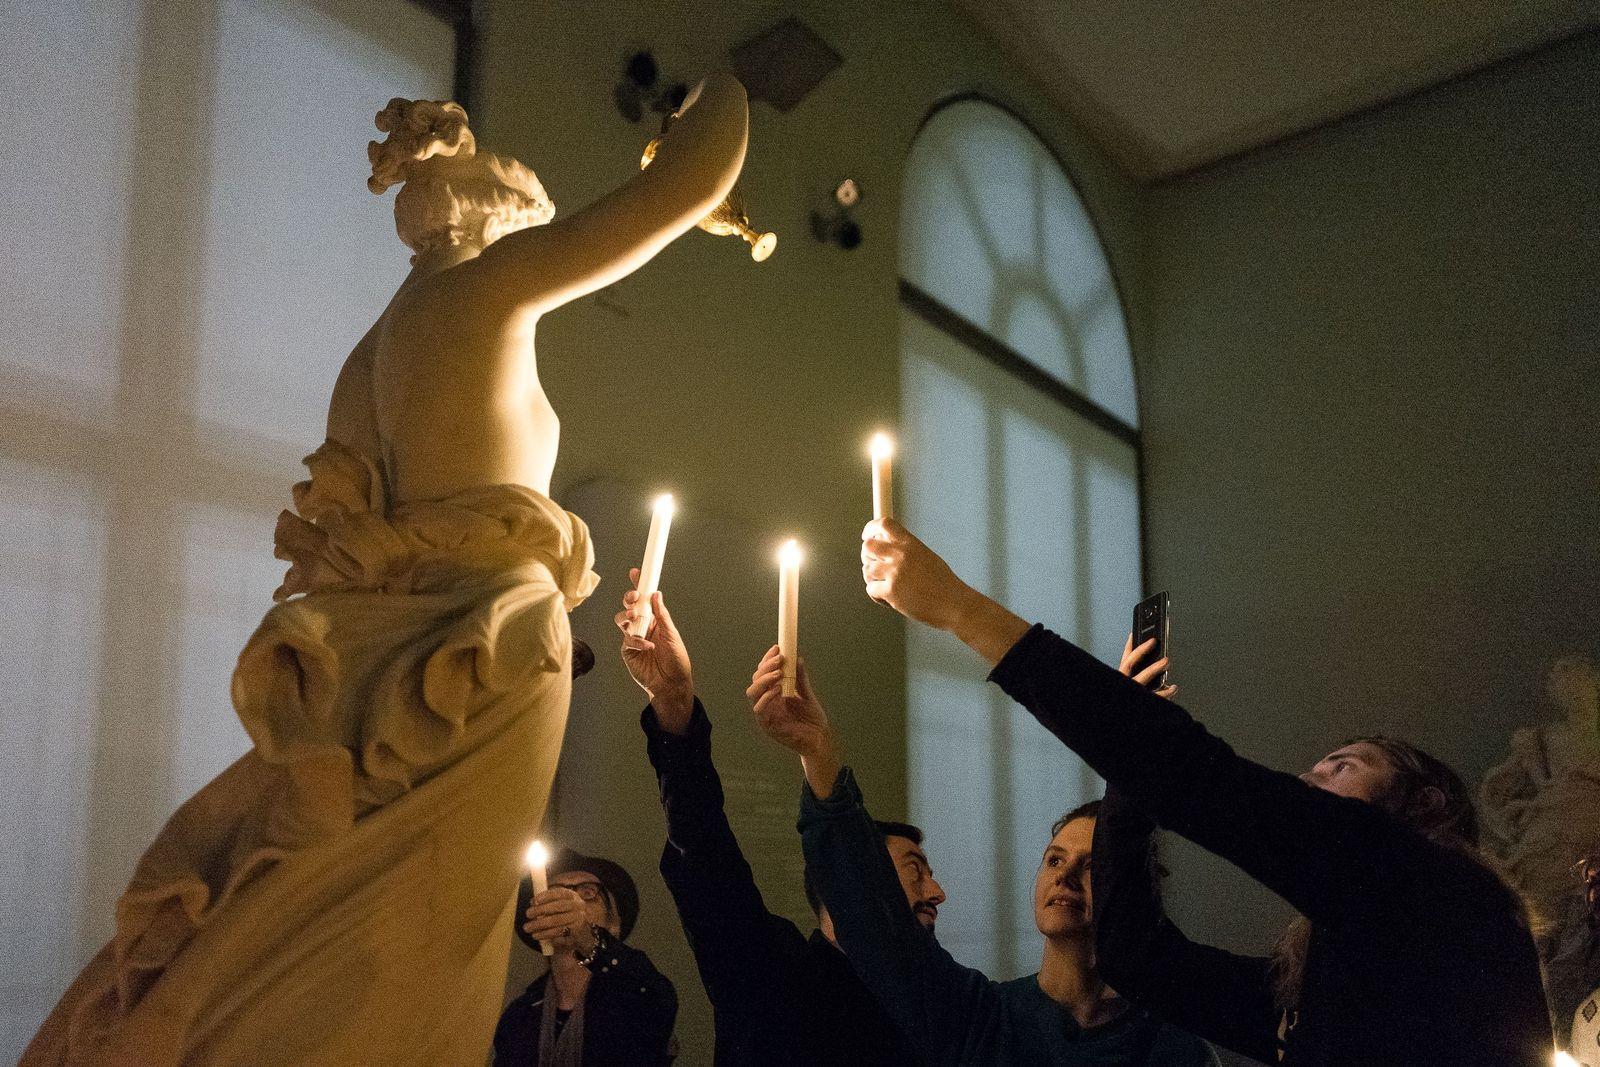 Im flackernden Kerzenschein bekamen die Gäste eine Ahnung, wie die Skulpturen vor 200 Jahren die Betrachter beeindruckt haben müssen. Christoph Neumann, www.christoph-neumann.com